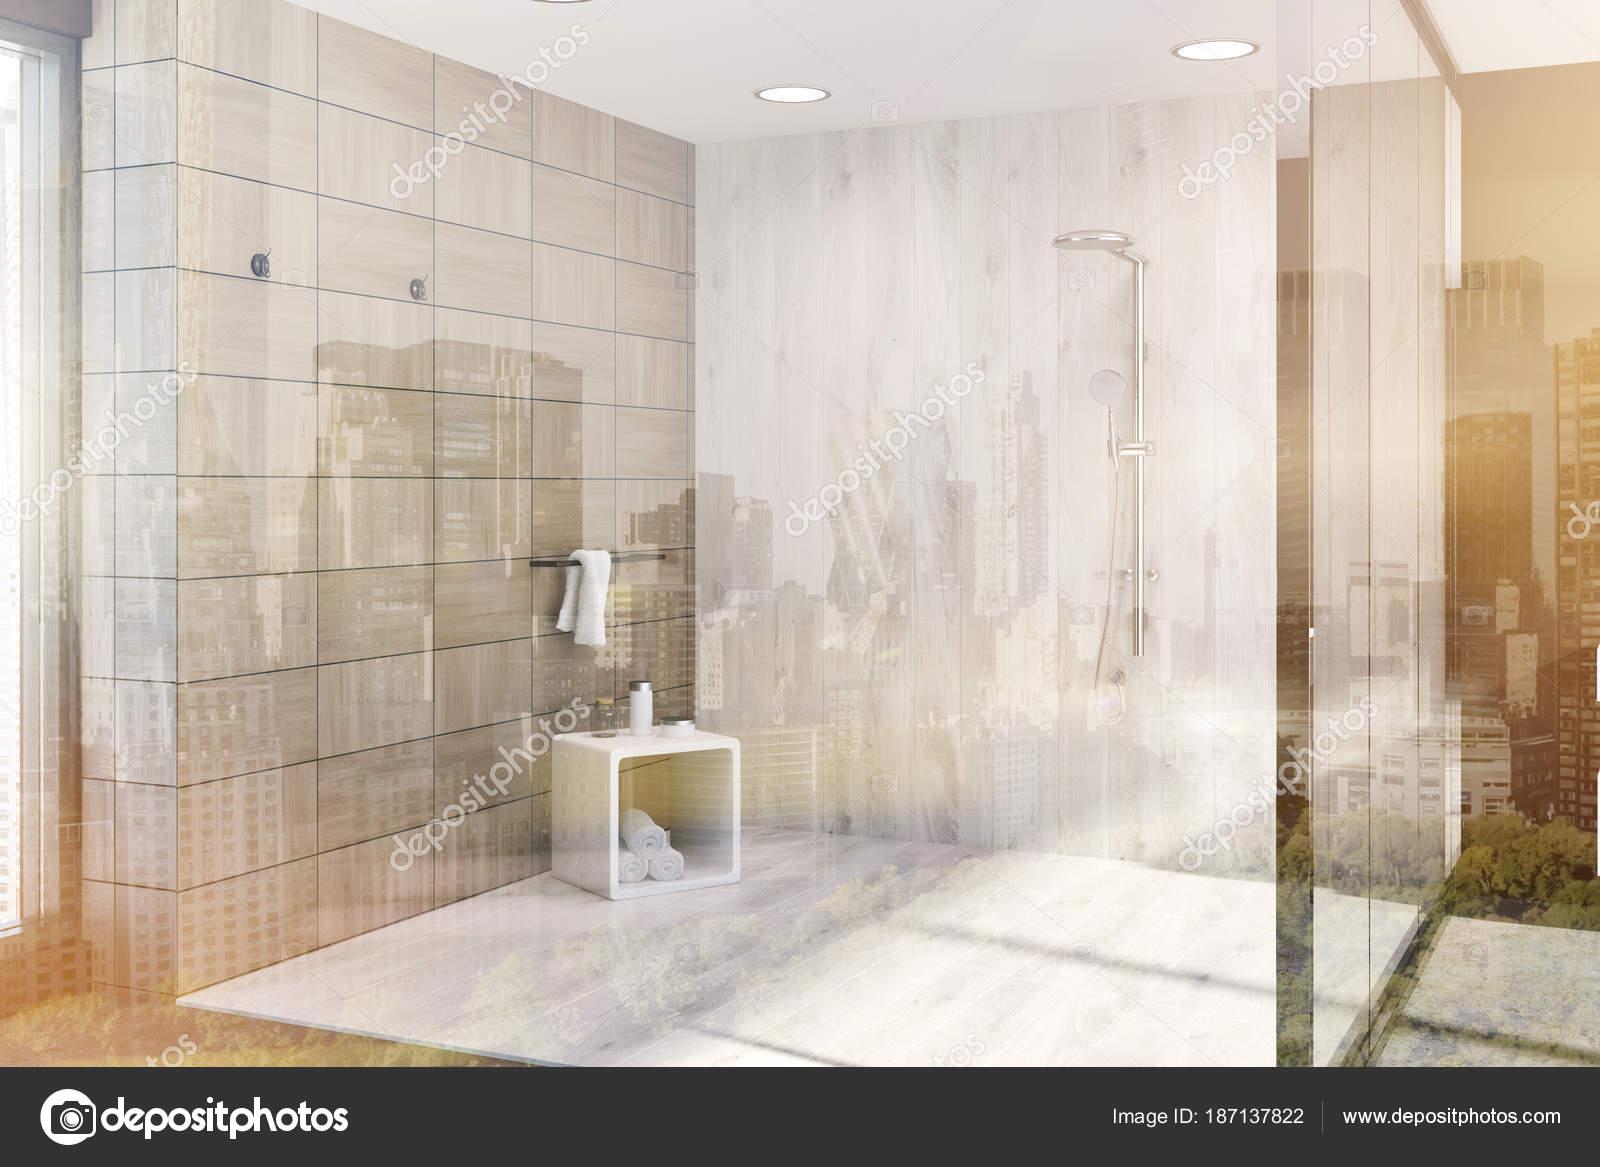 Piastrelle in legno marrone del bagno ad angolo doccia - Piastrelle in stock ...